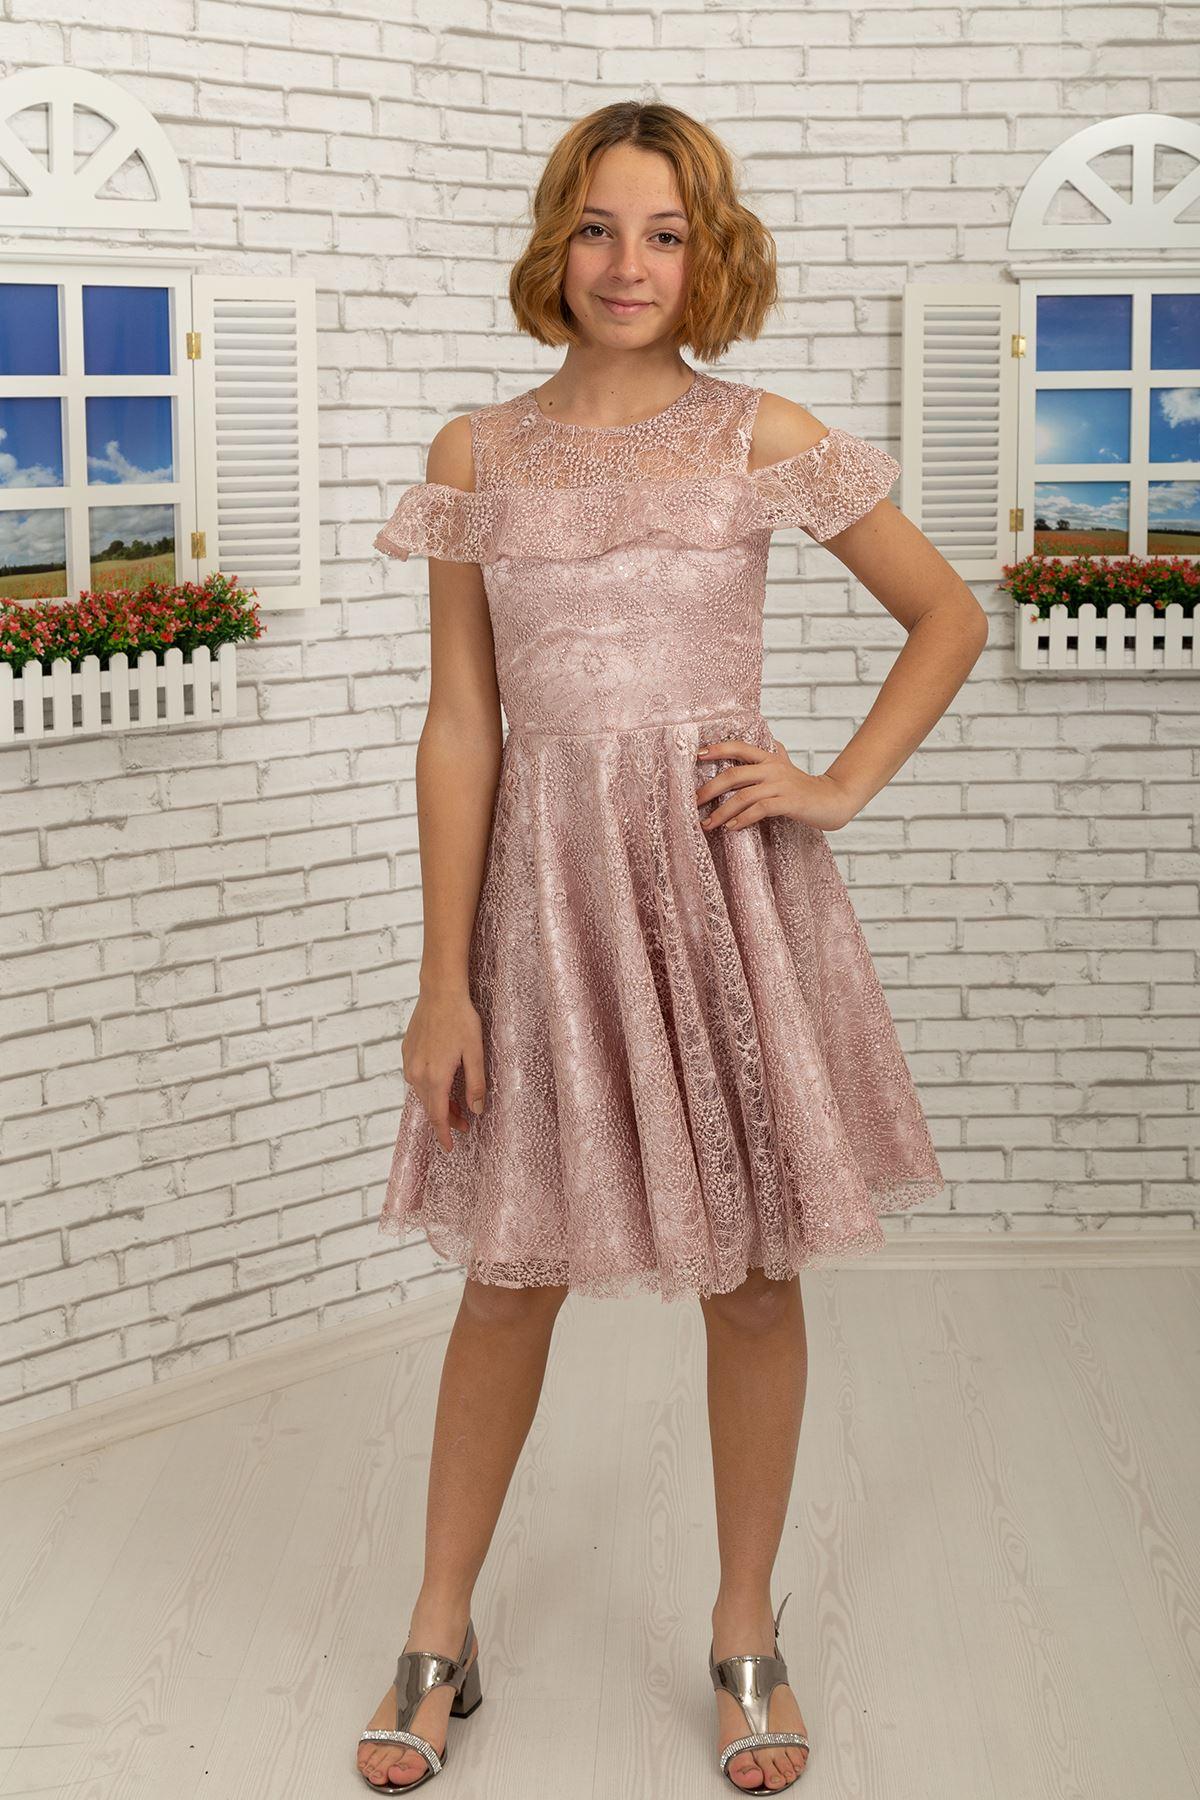 Schulter-detail, Spitze kurzen Rock Mädchen Abendkleid 495 Pulver